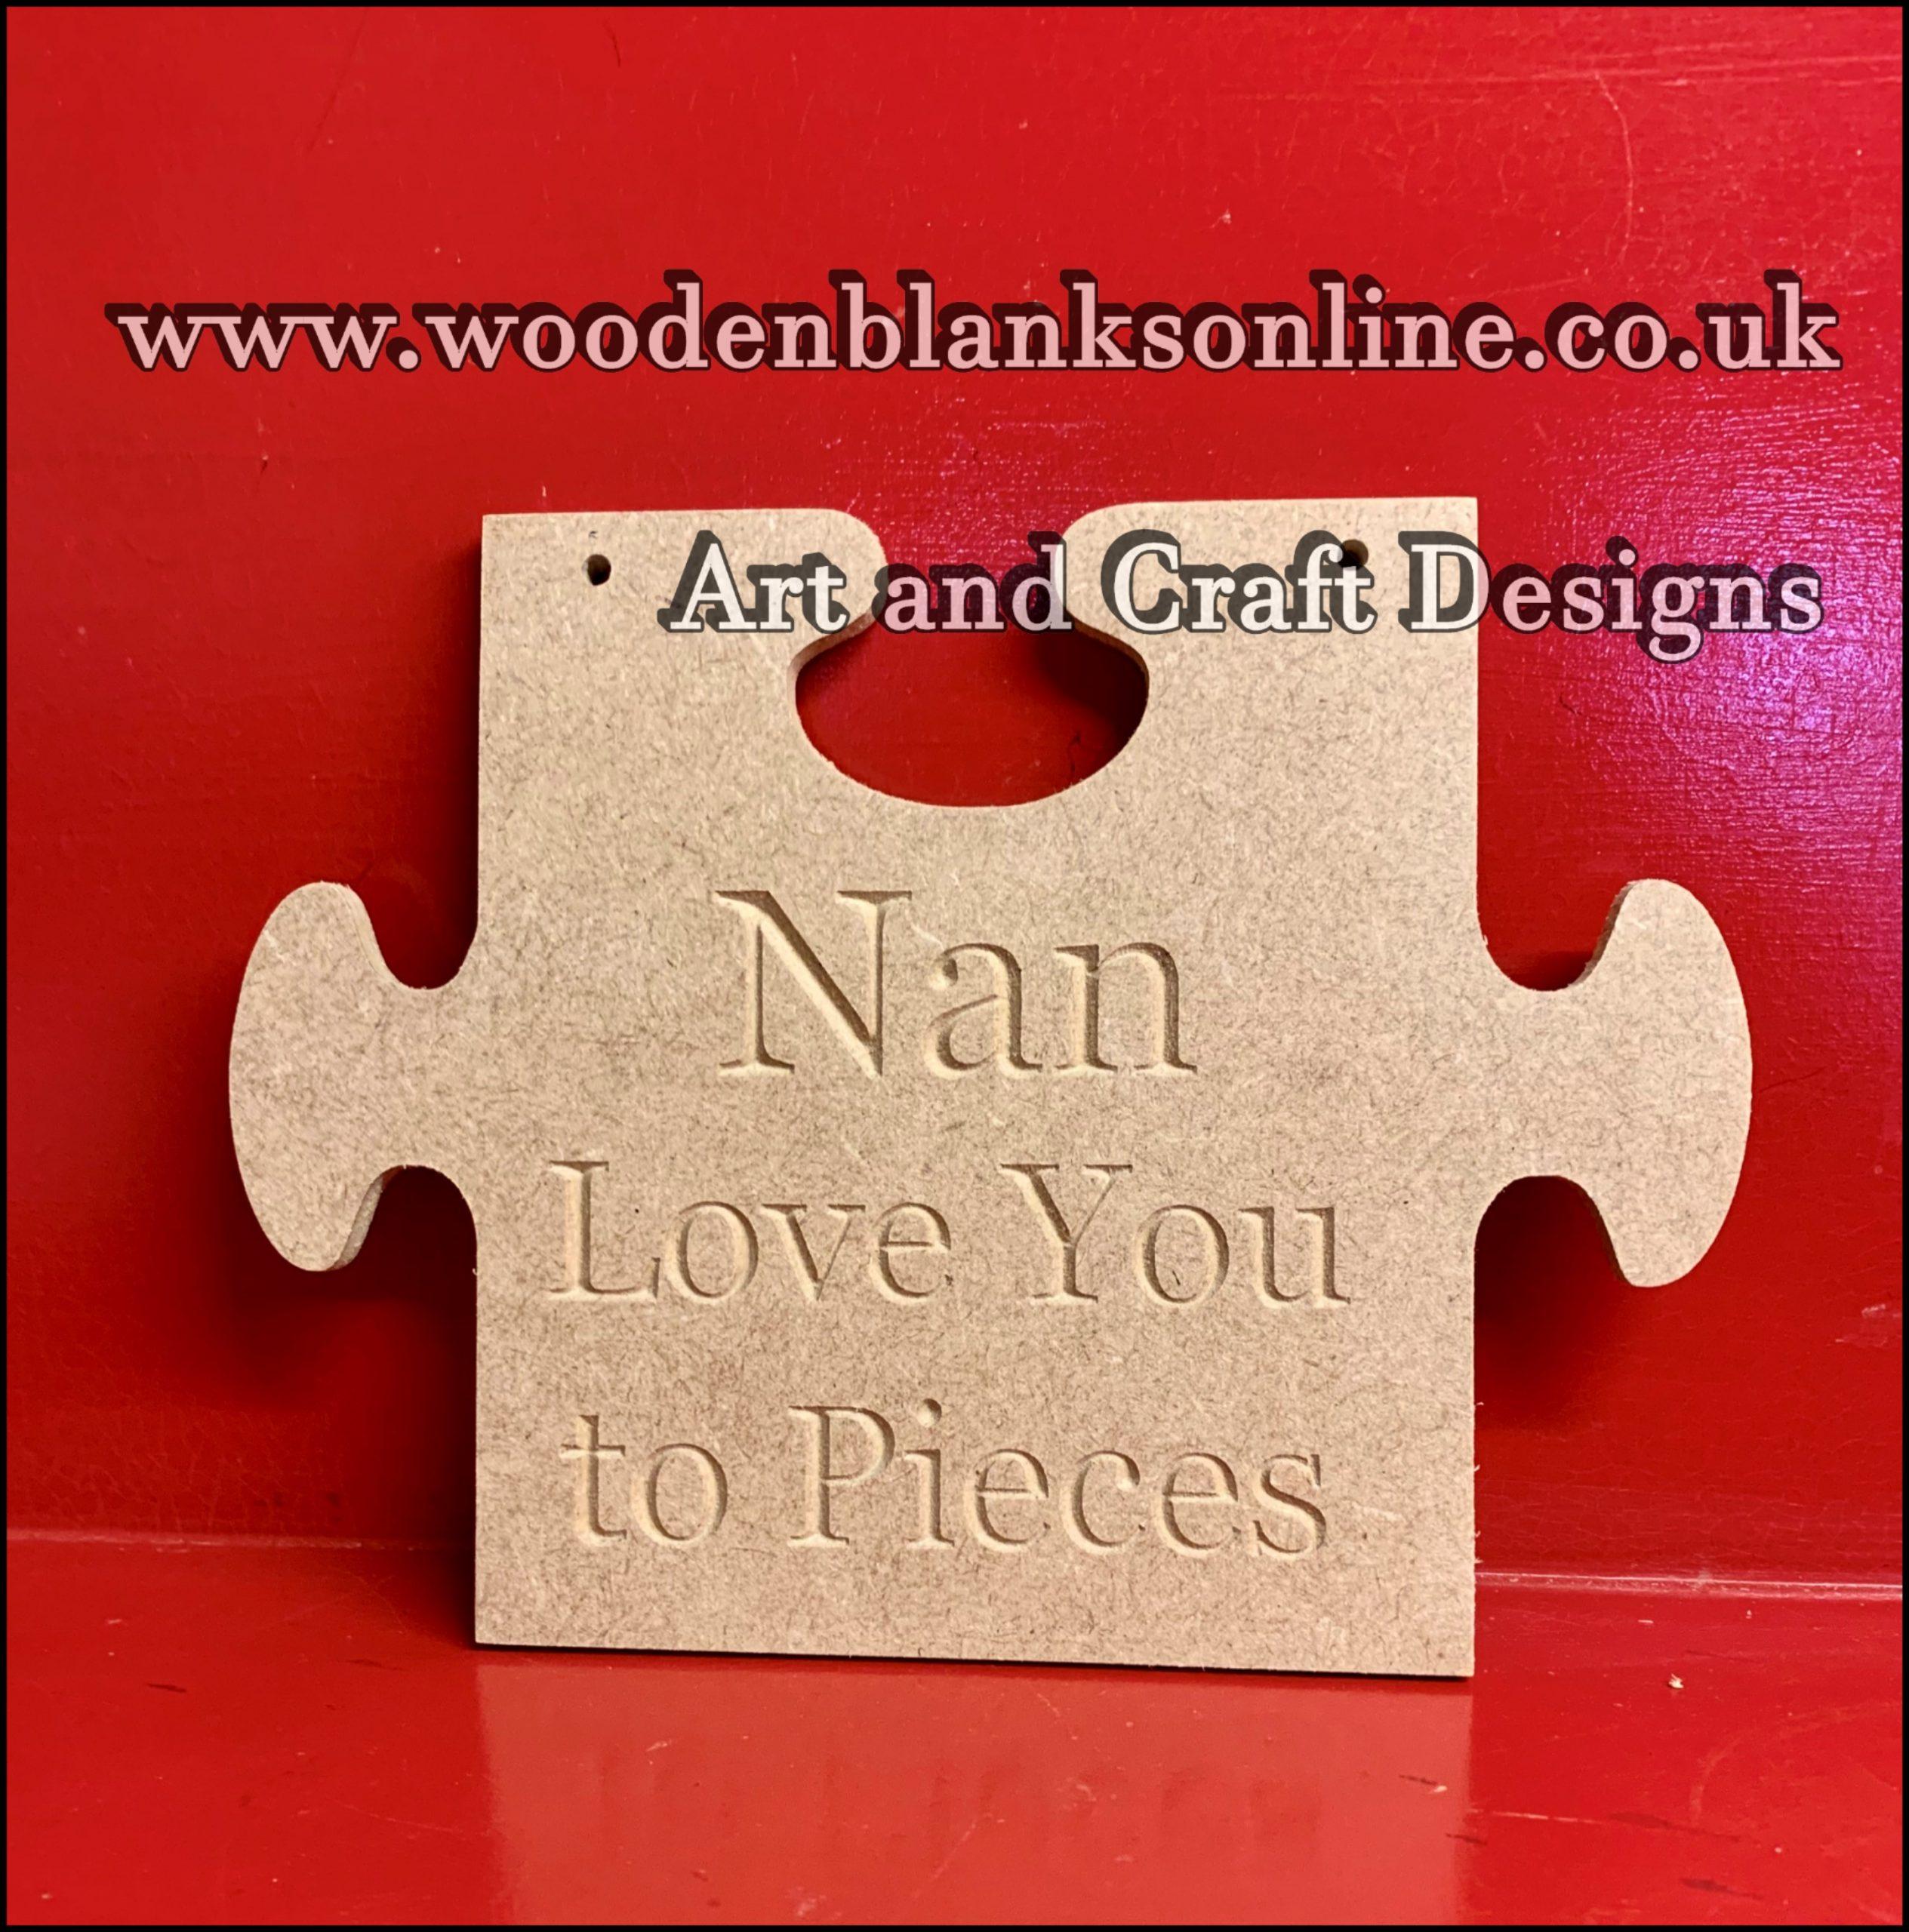 Nan love you to pieces jigsaw